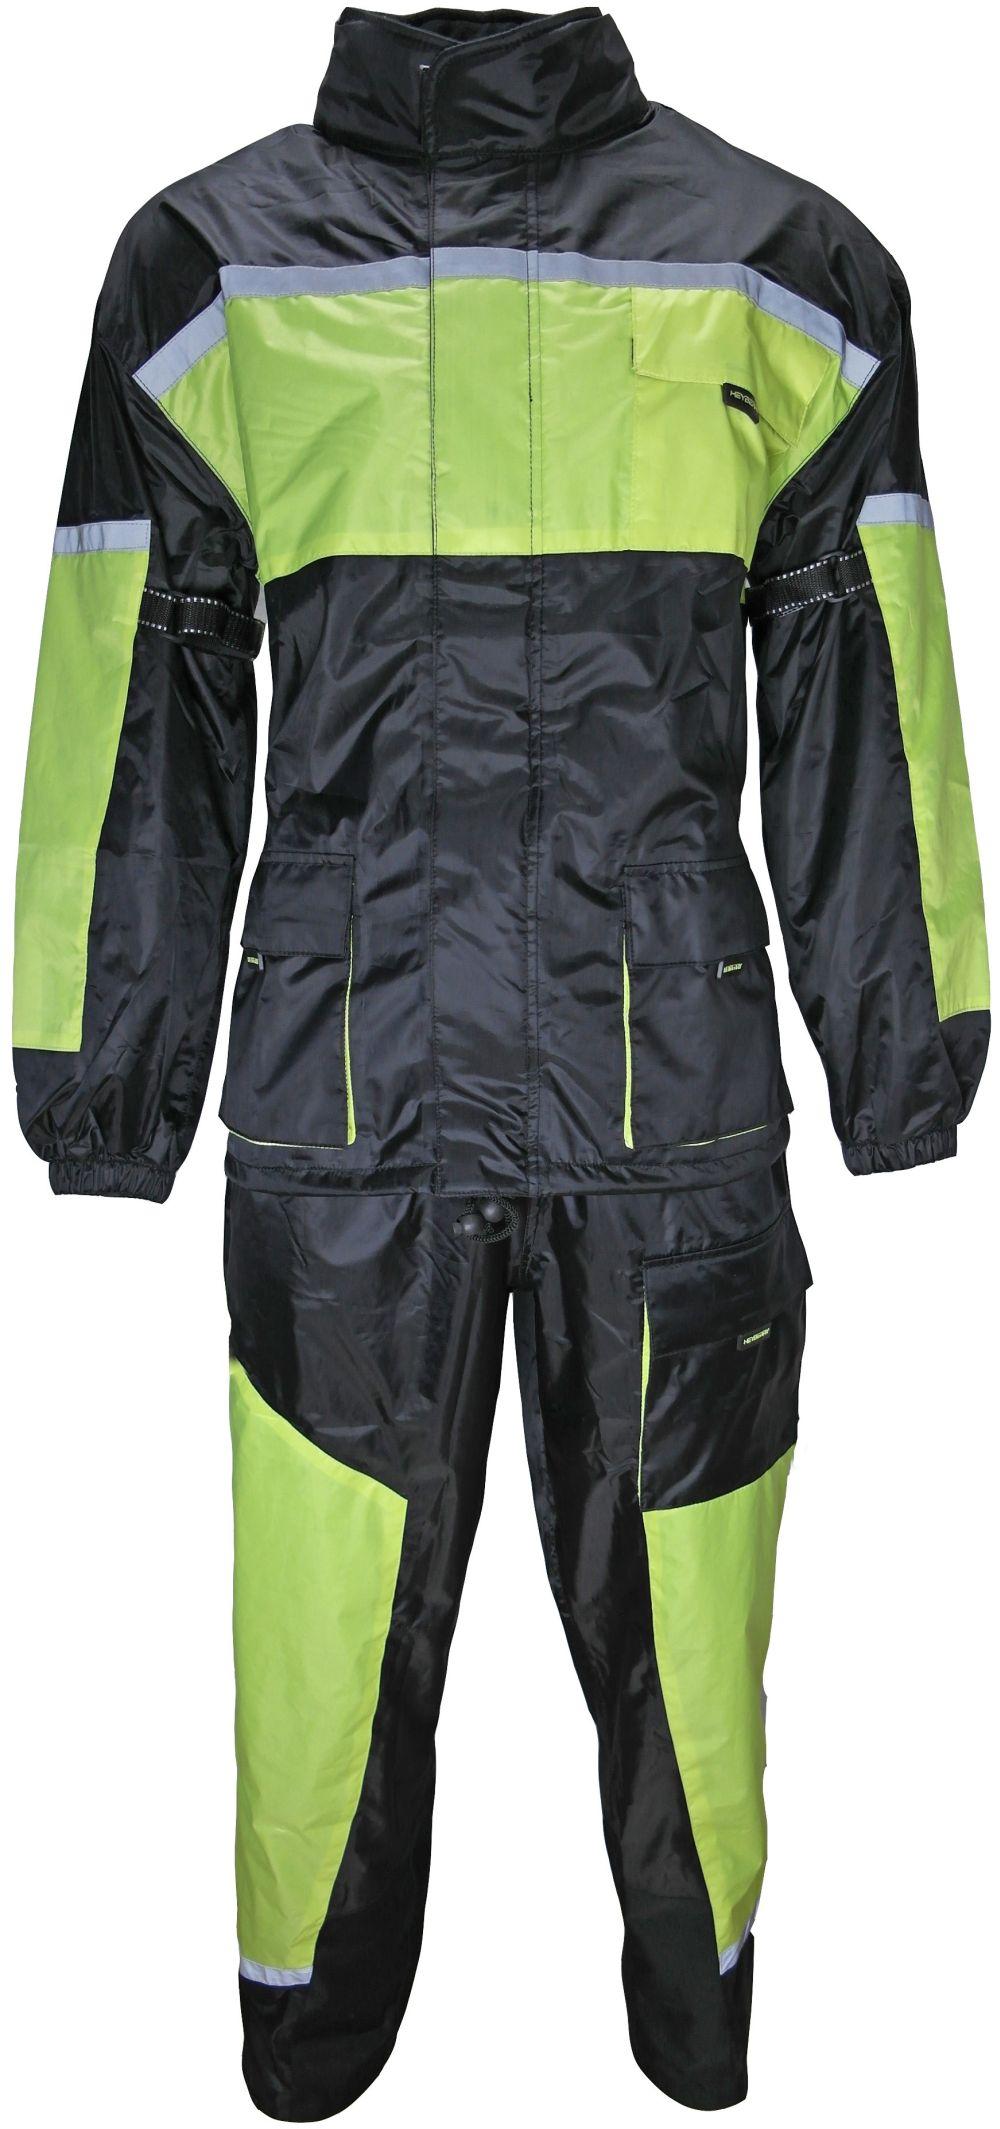 Motorrad Regenkombi Regenhose Regenjacke schwarz neon grün Gr. S - 3XL